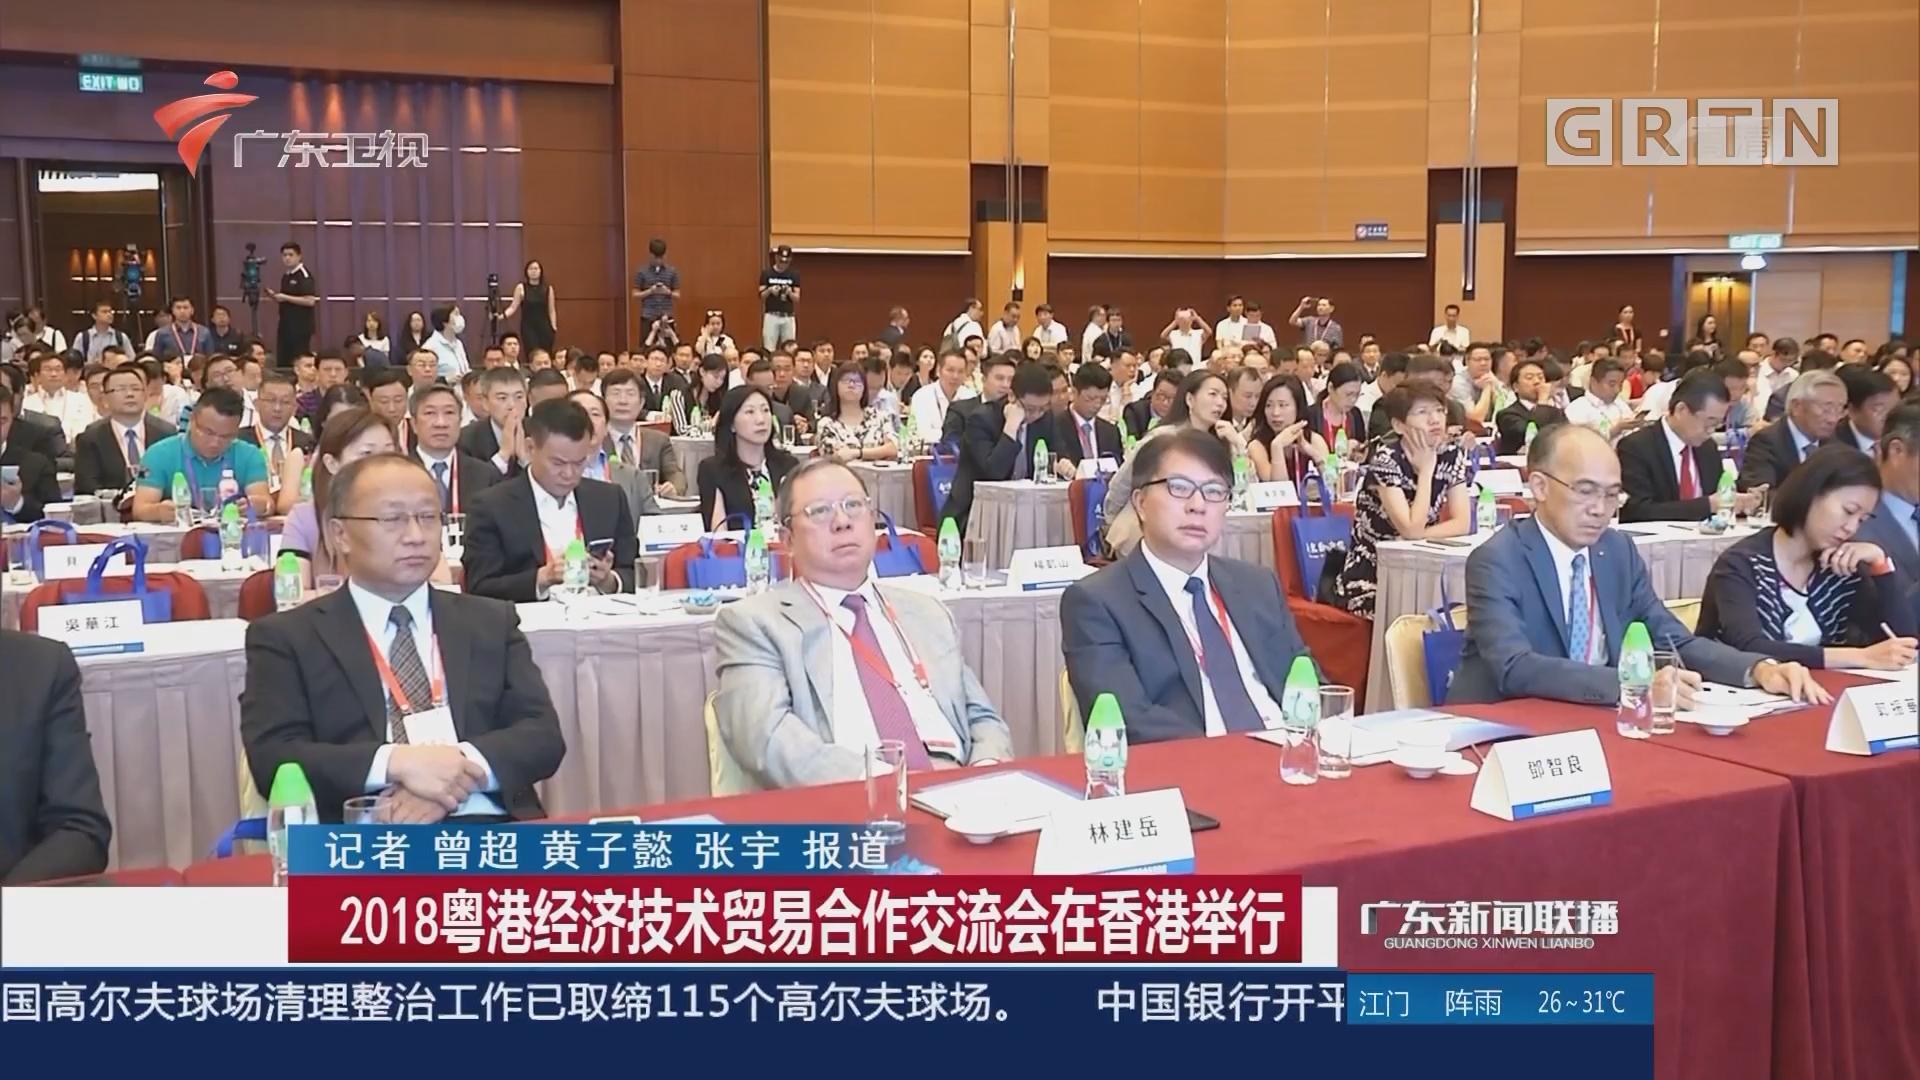 2018粤港经济技术贸易合作交流会在香港举行